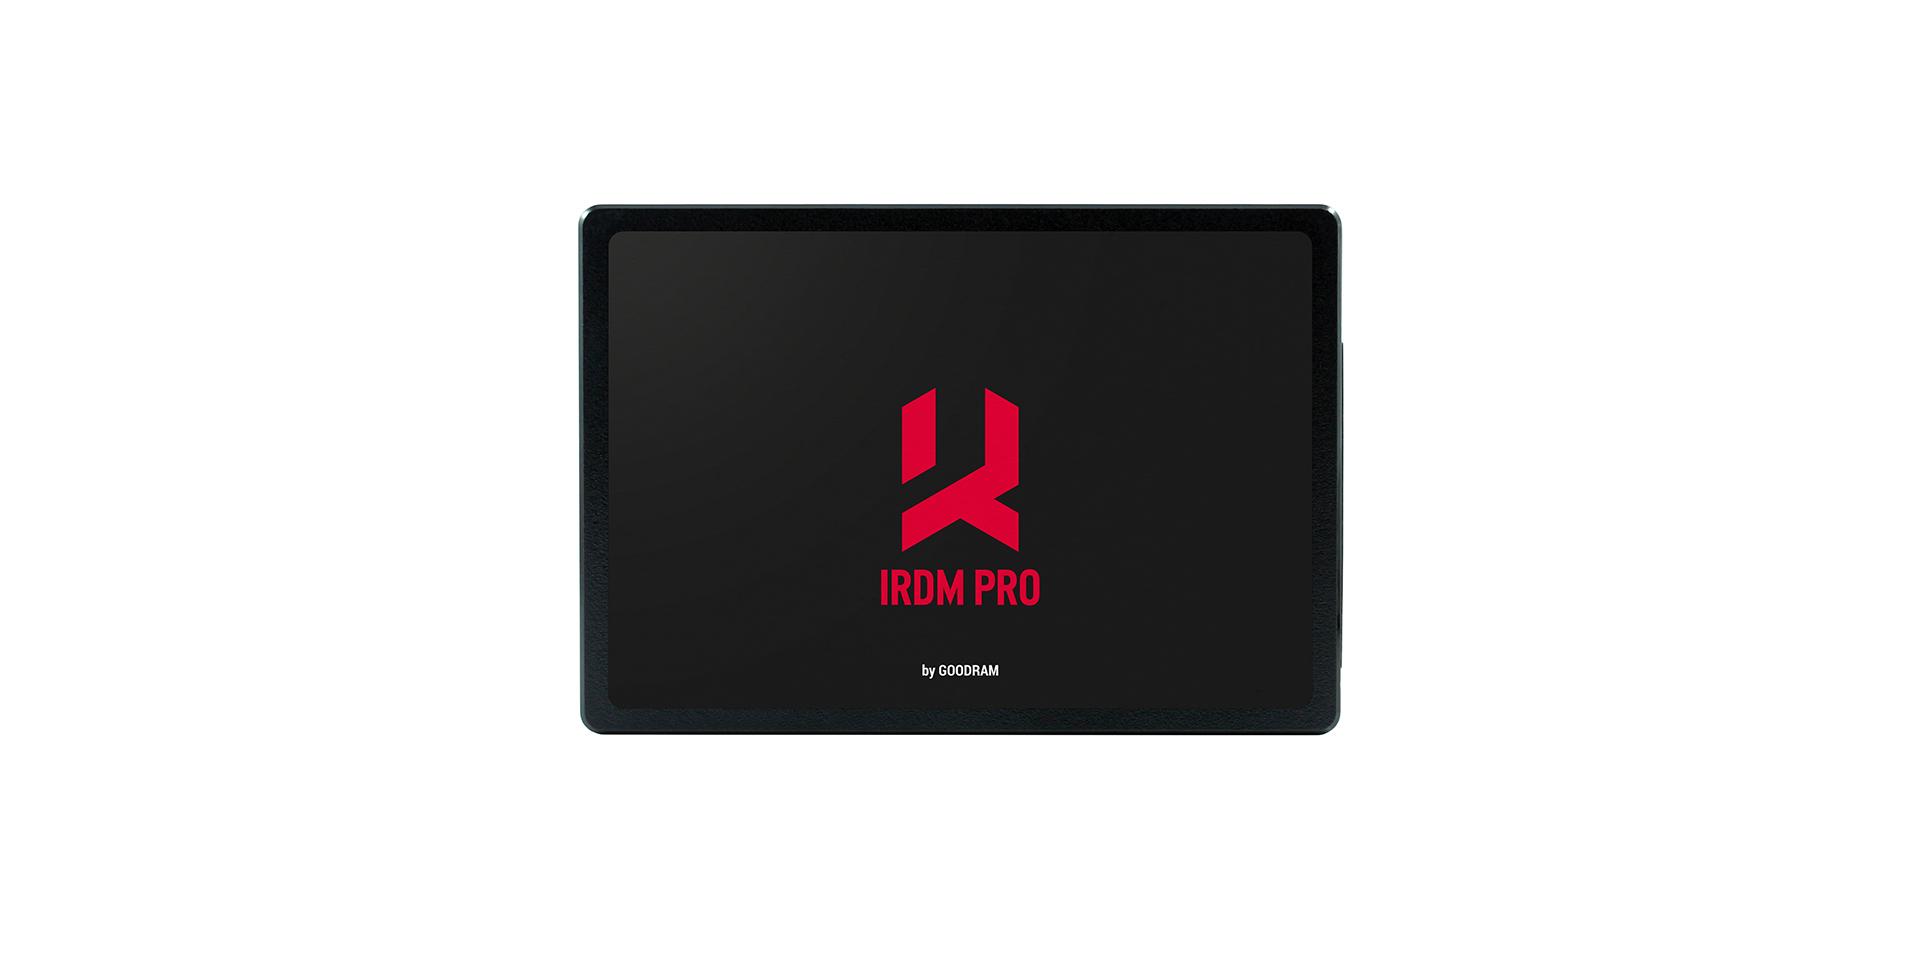 SSD IRDM PRO